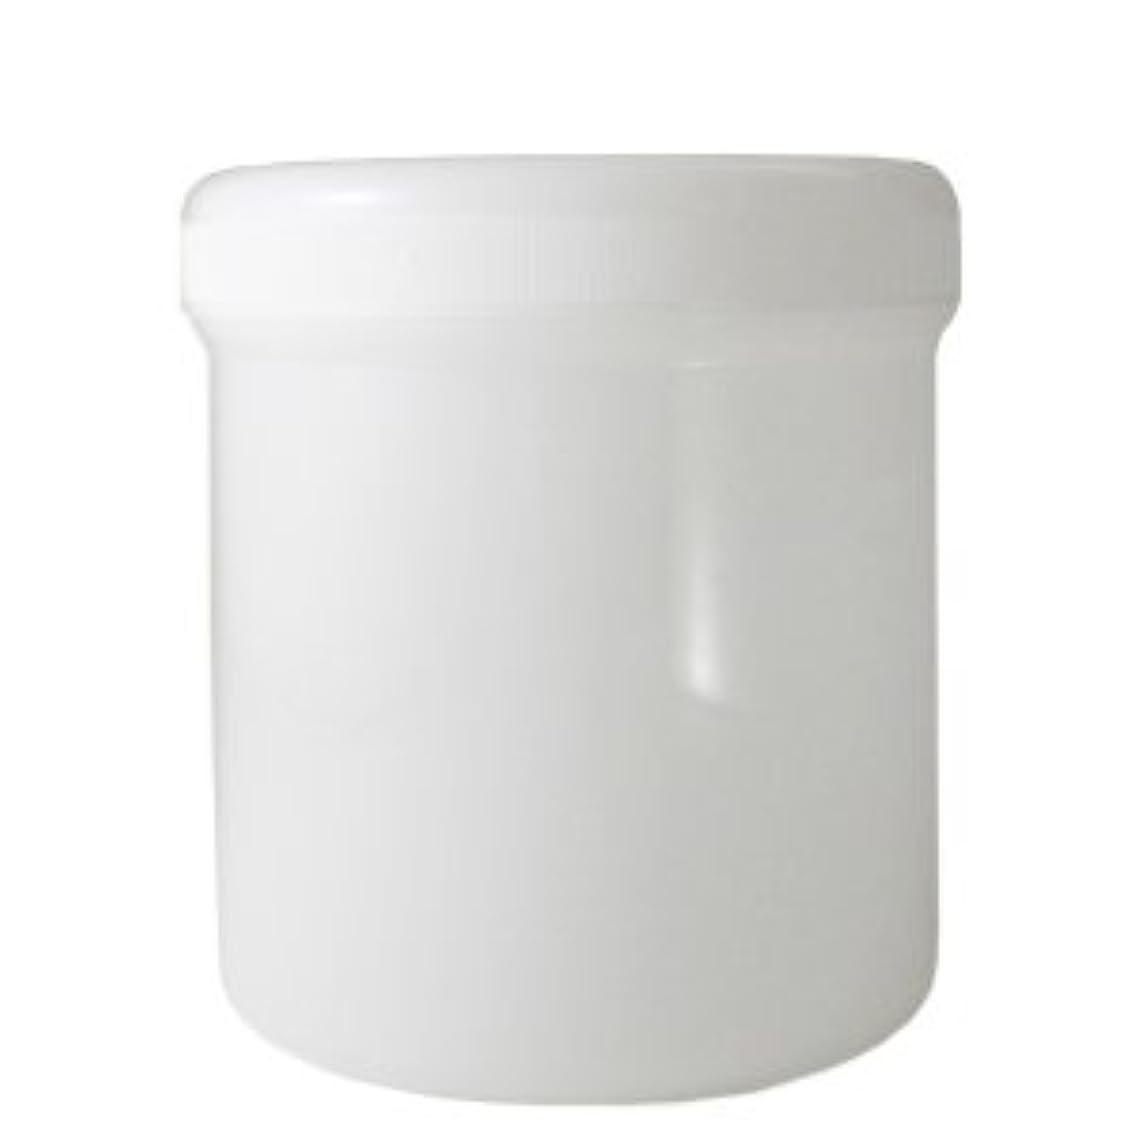 お世話になった嫌い怠感ナンコー容器 クリームジャー化粧品容器 550ml